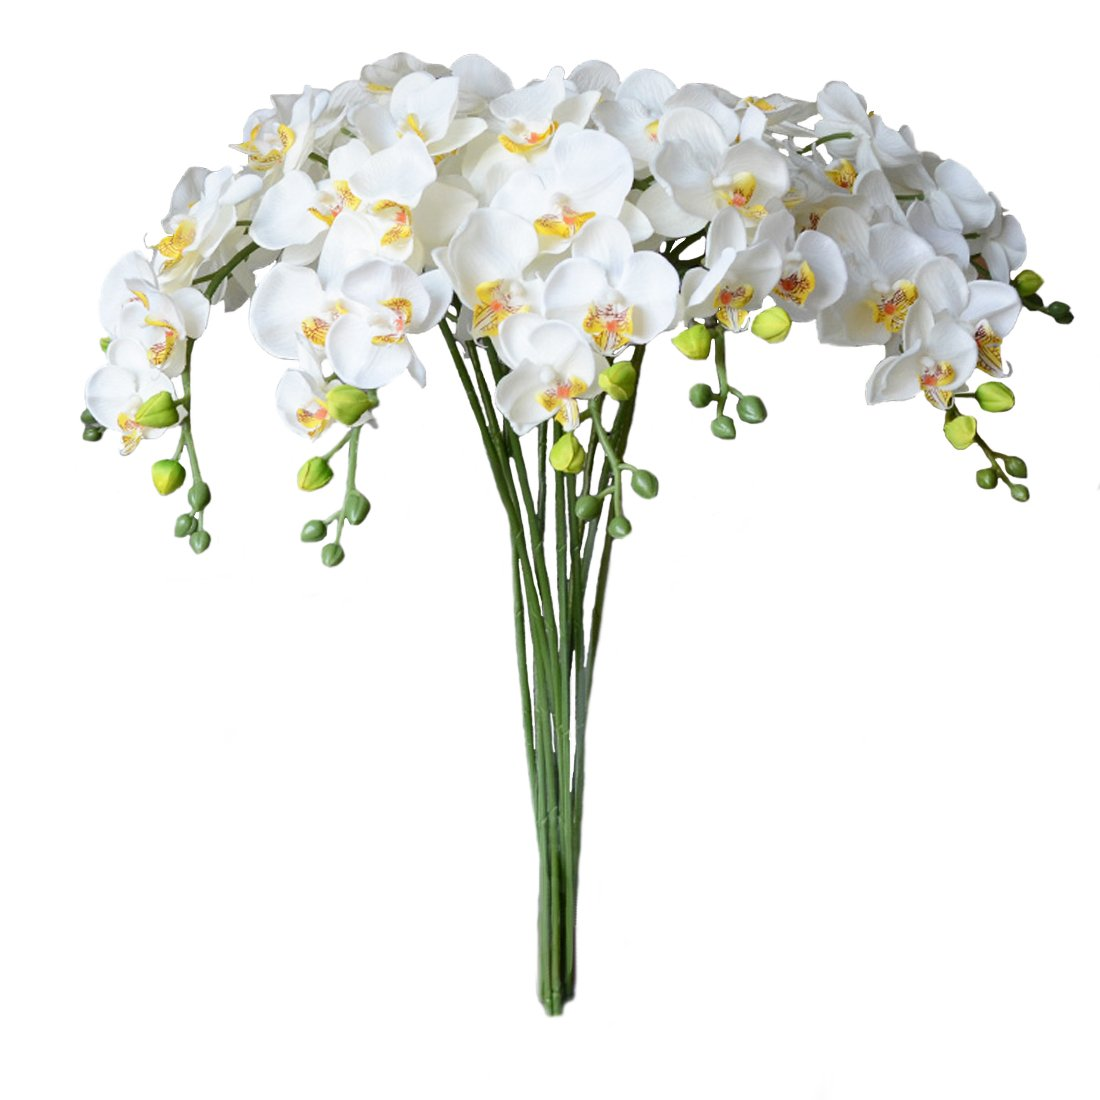 (カルシファー) Calcifer 胡蝶蘭ブーケ 茎付き 家庭菜園や披露宴の装飾用造花 レーヨン製 31インチ A01FL16CA0707ER0023 B019B08DBM Yellow Heart White|5 Yellow Heart White